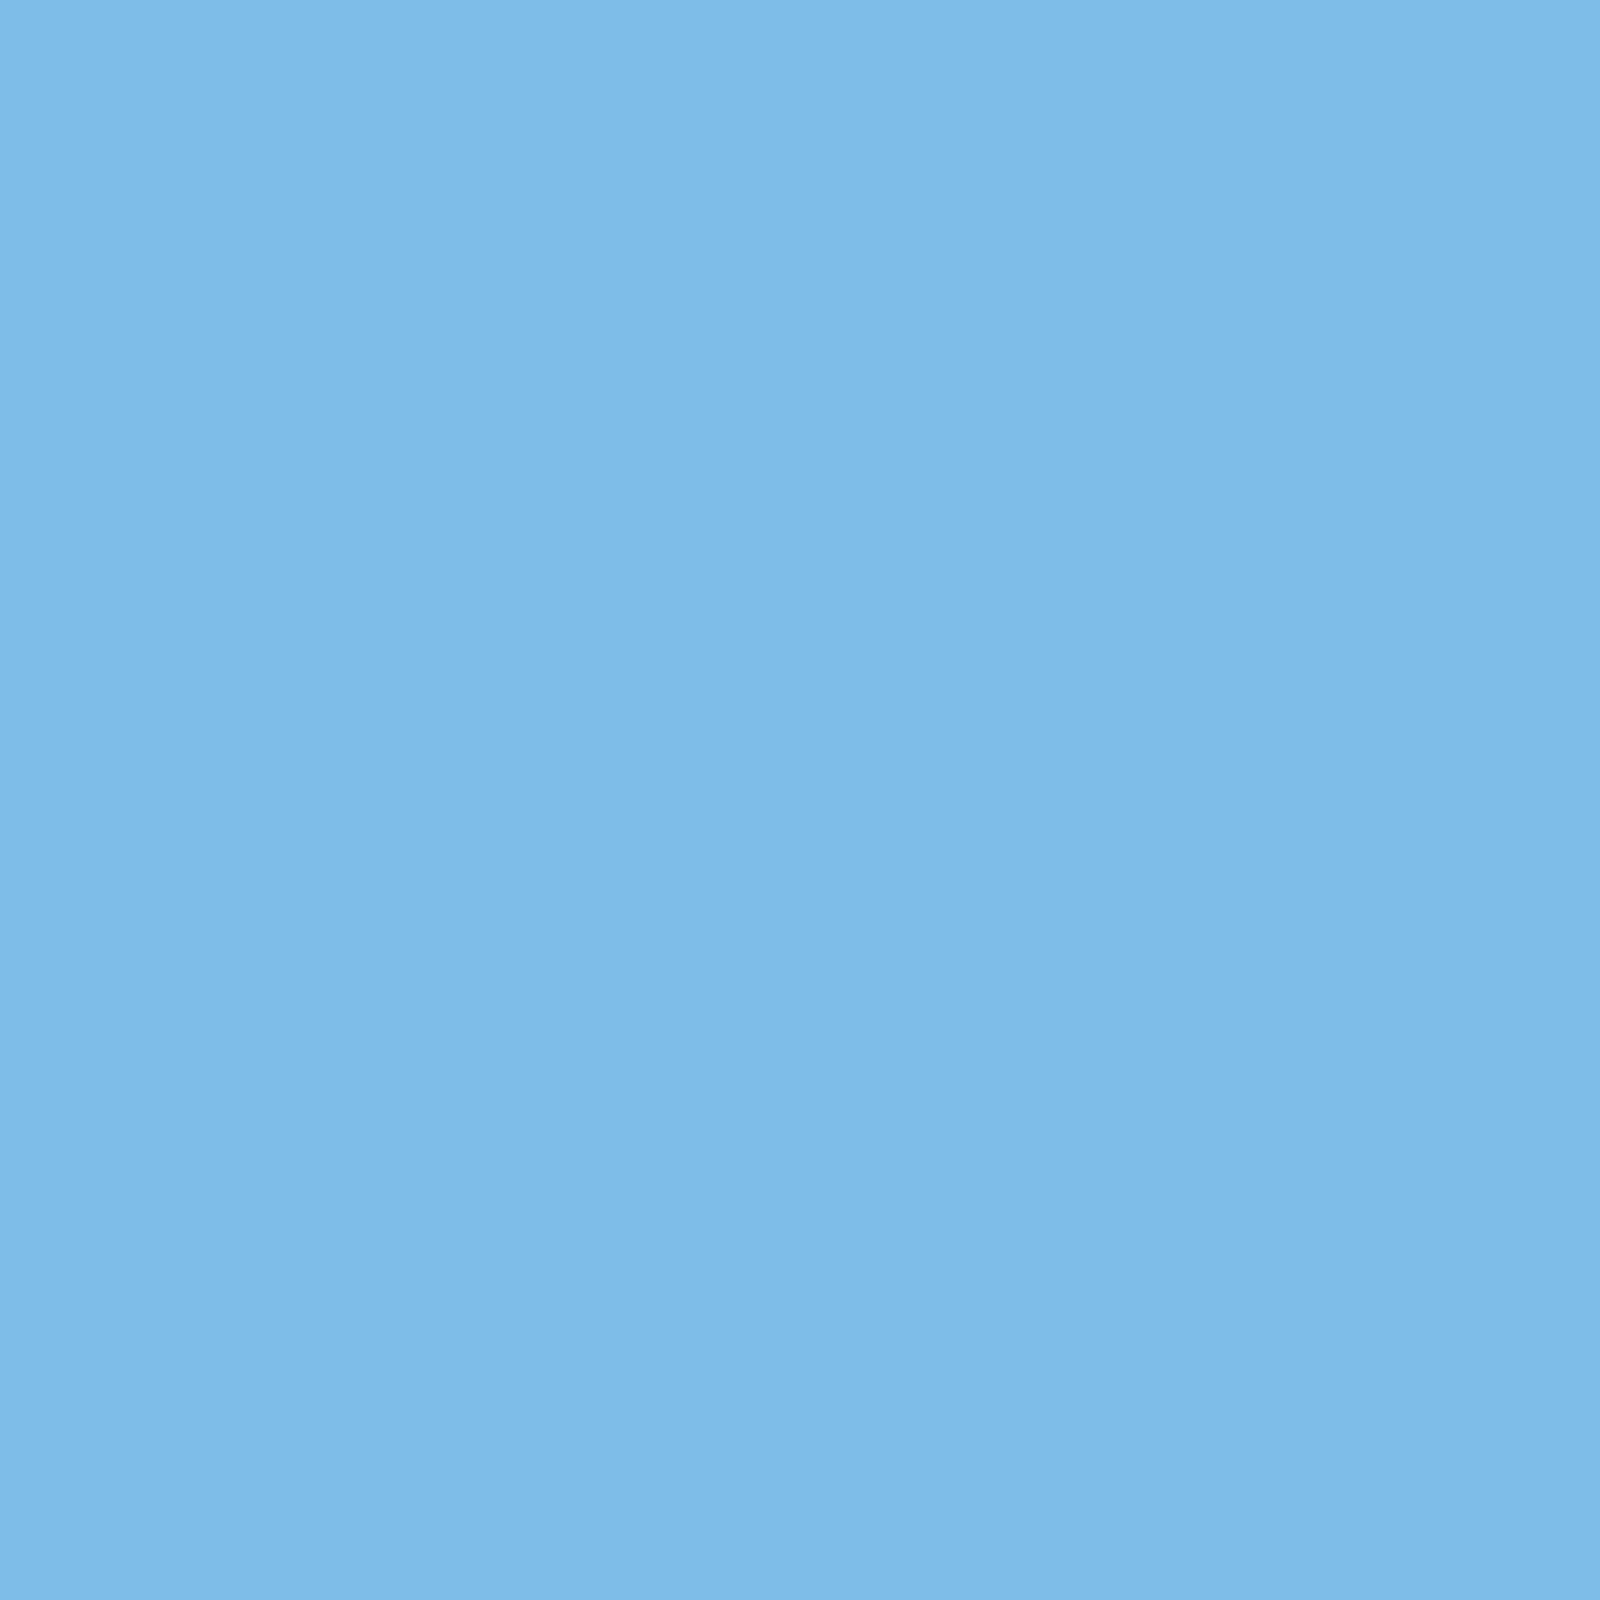 kobra albastru